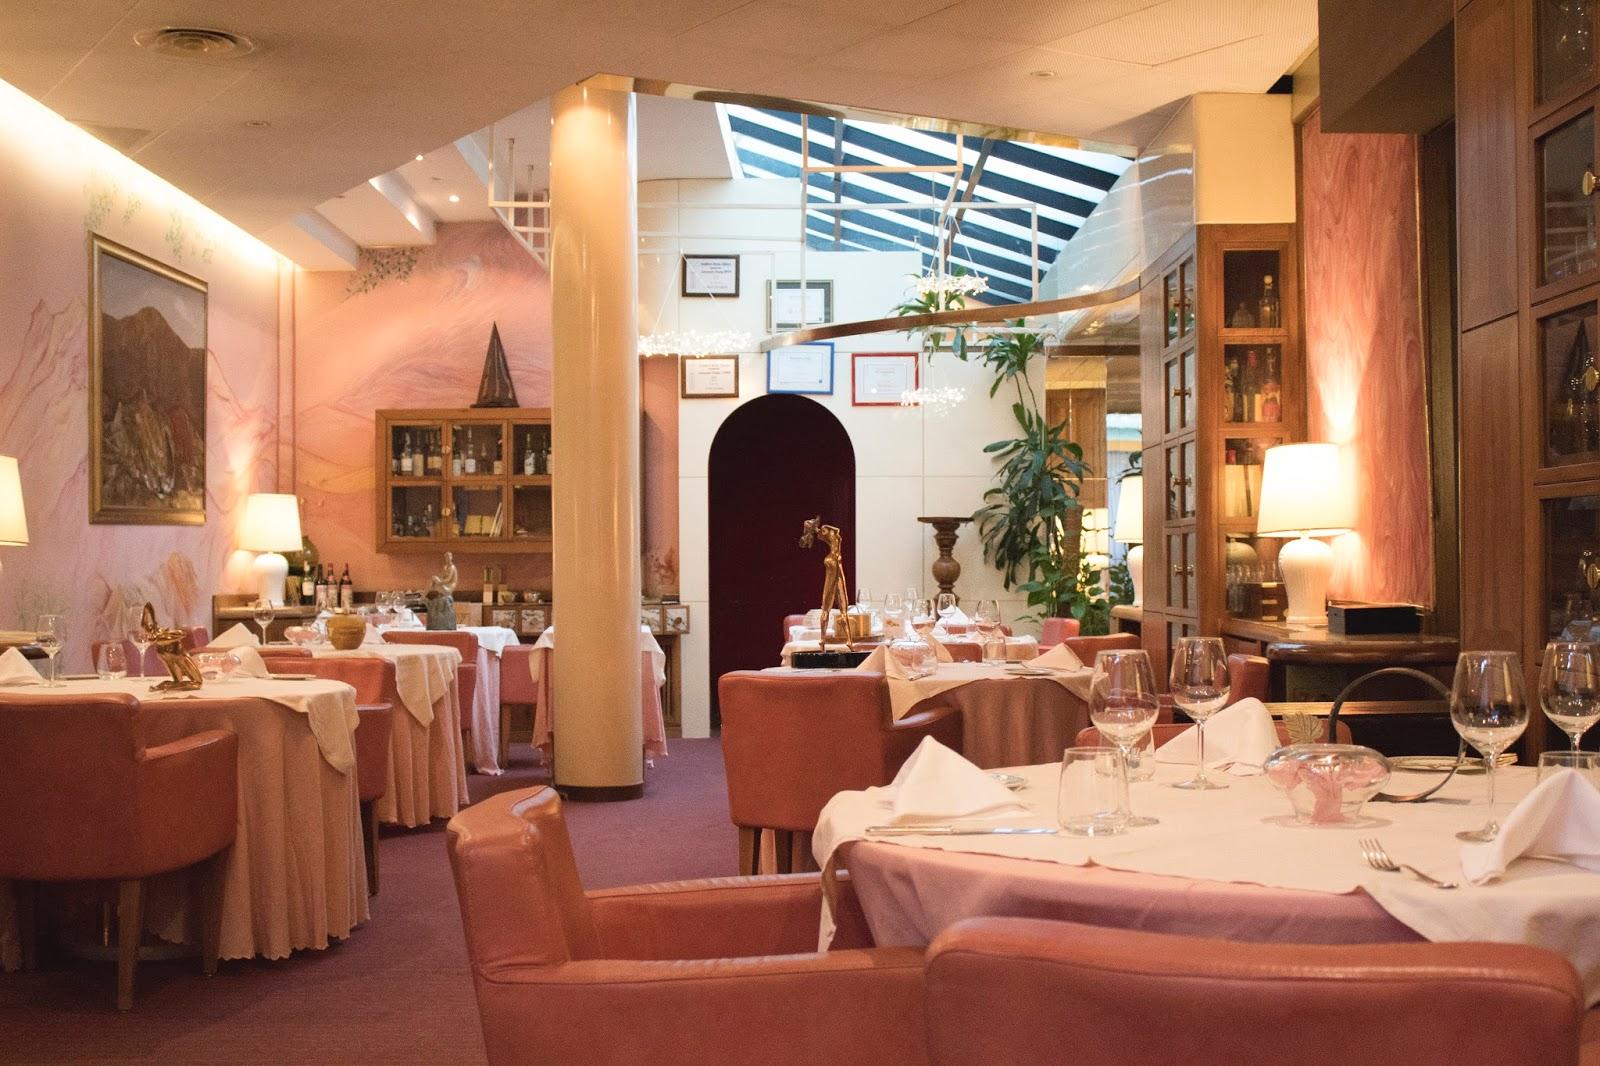 L\'Hotel Tosco Romagnolo e la cucina di Paolo Teverini   cucinopertescemo